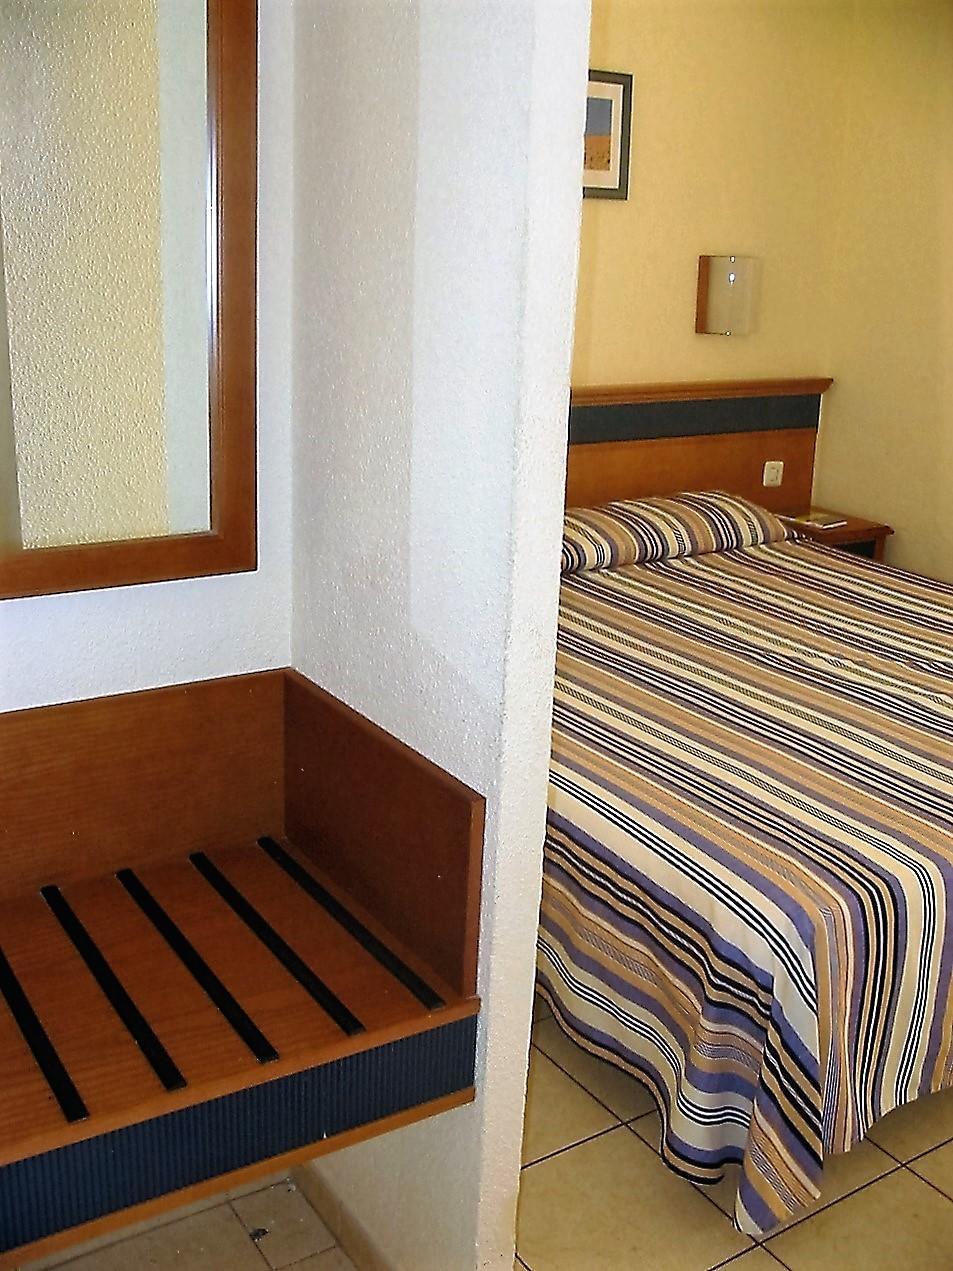 Ferienwohnung Apartment 2 / 4er Direkt am Meer, mit Blick auf den Strand, Schwimmbäder, ausgestattet. WI (634890), Morro Jable, Fuerteventura, Kanarische Inseln, Spanien, Bild 12